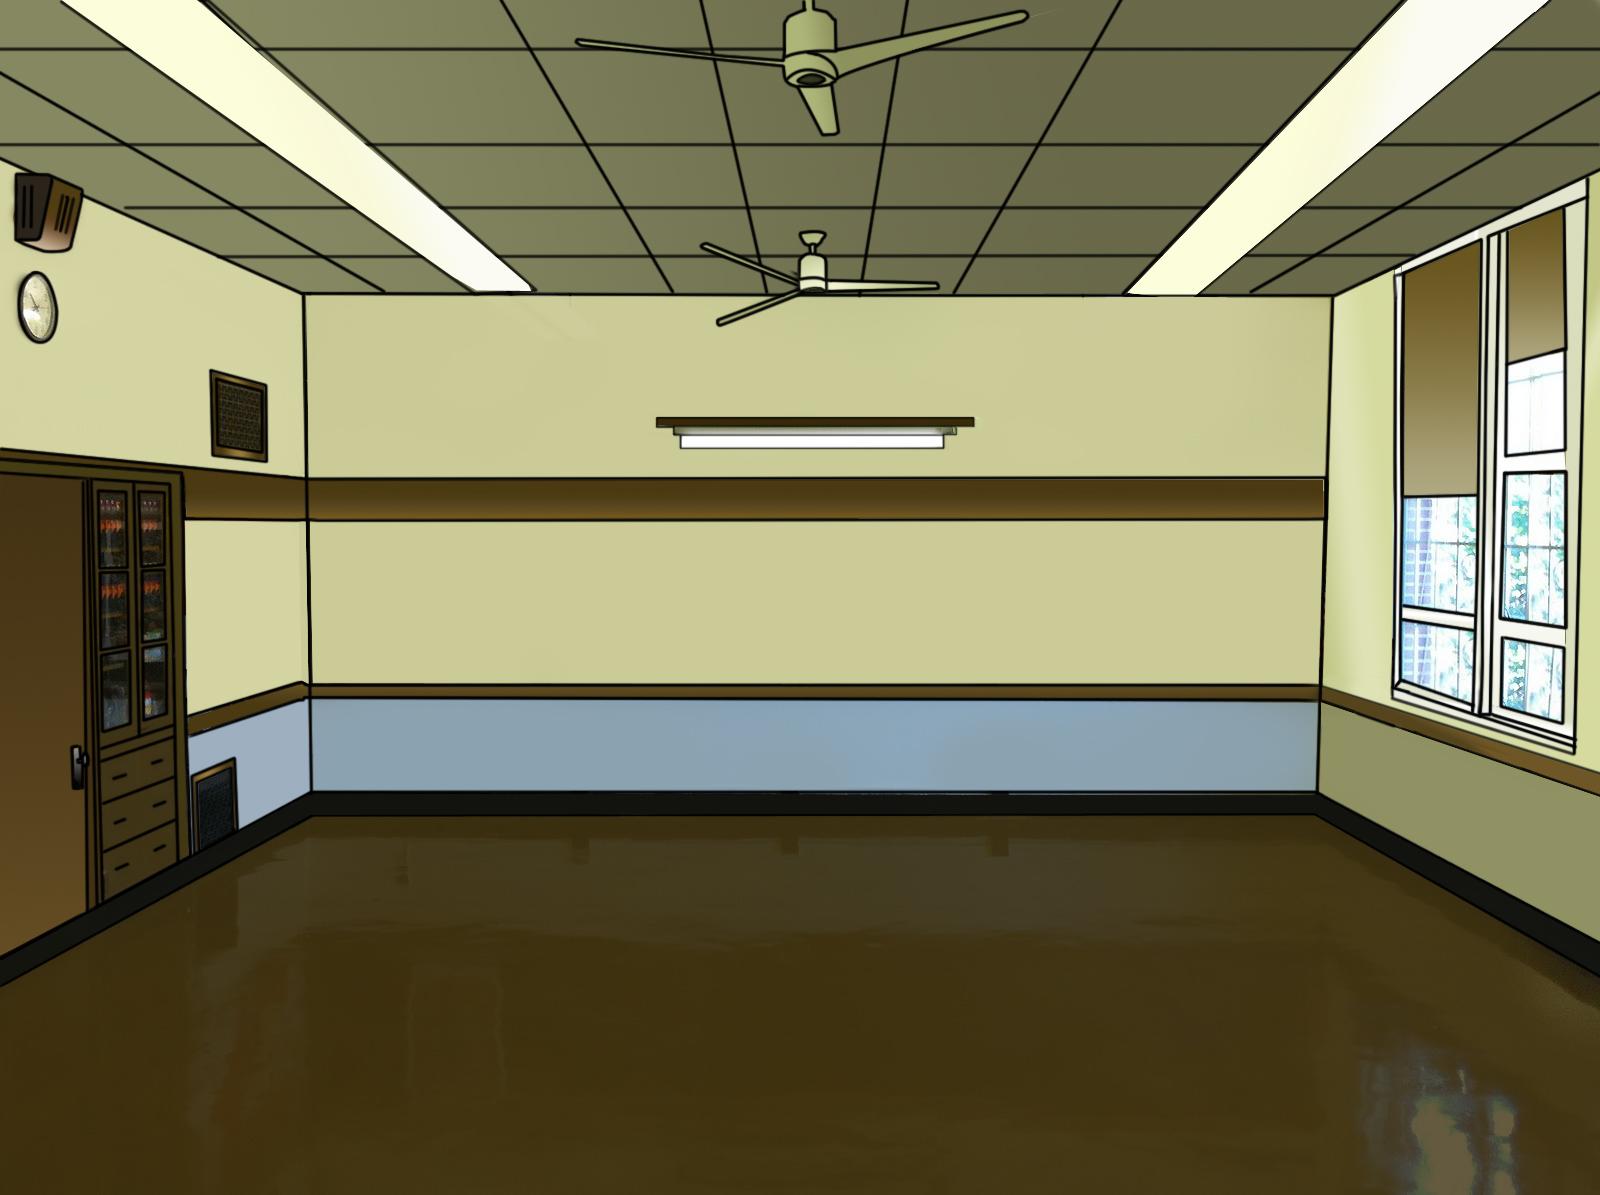 Classroom Design Free ~ Classroom design free images at clker vector clip